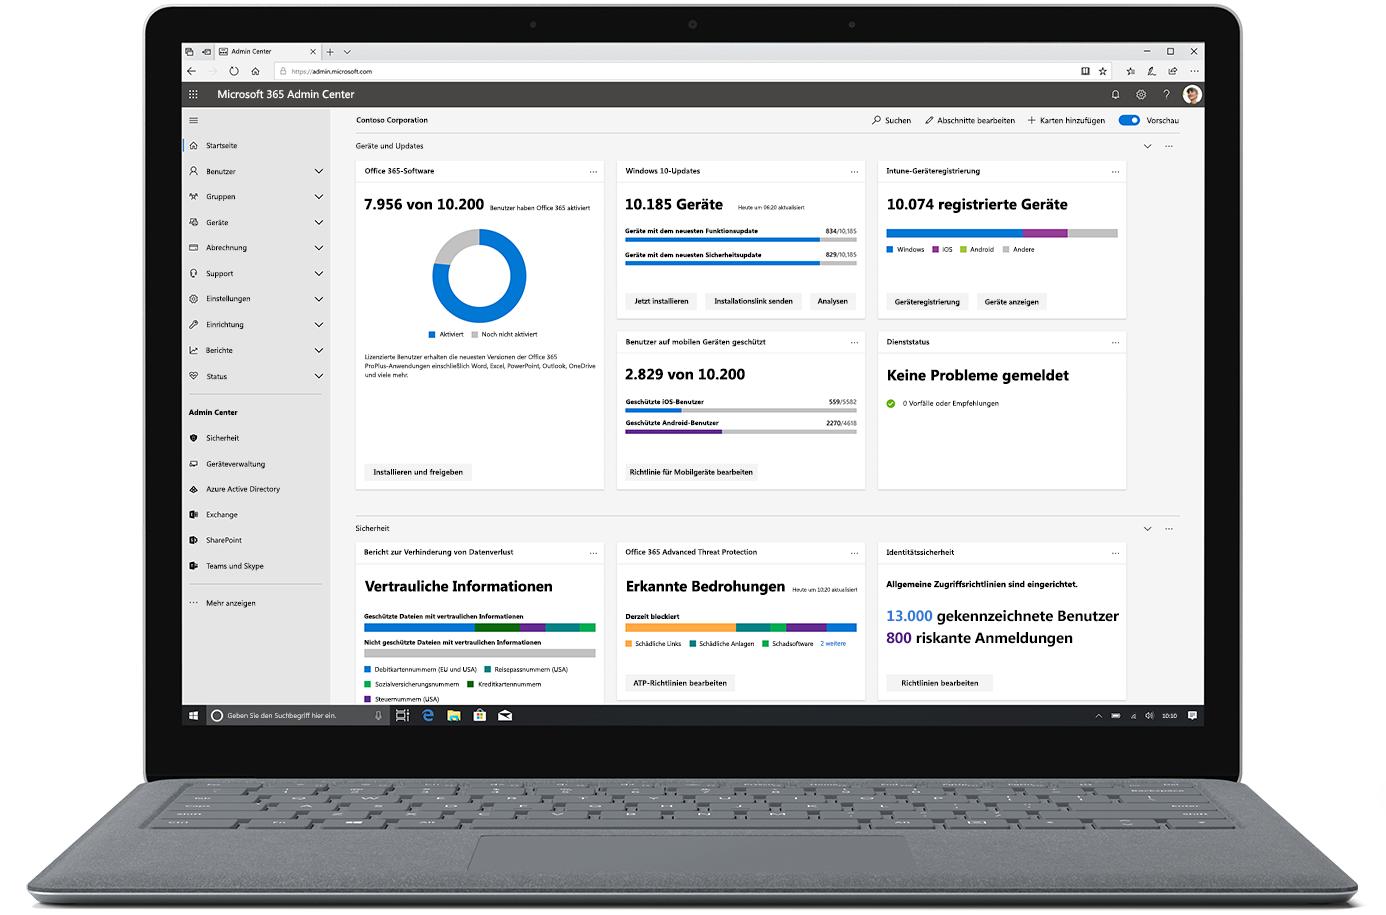 Abbildung des Microsoft 365 Admin Center auf einem geöffneten Laptop.